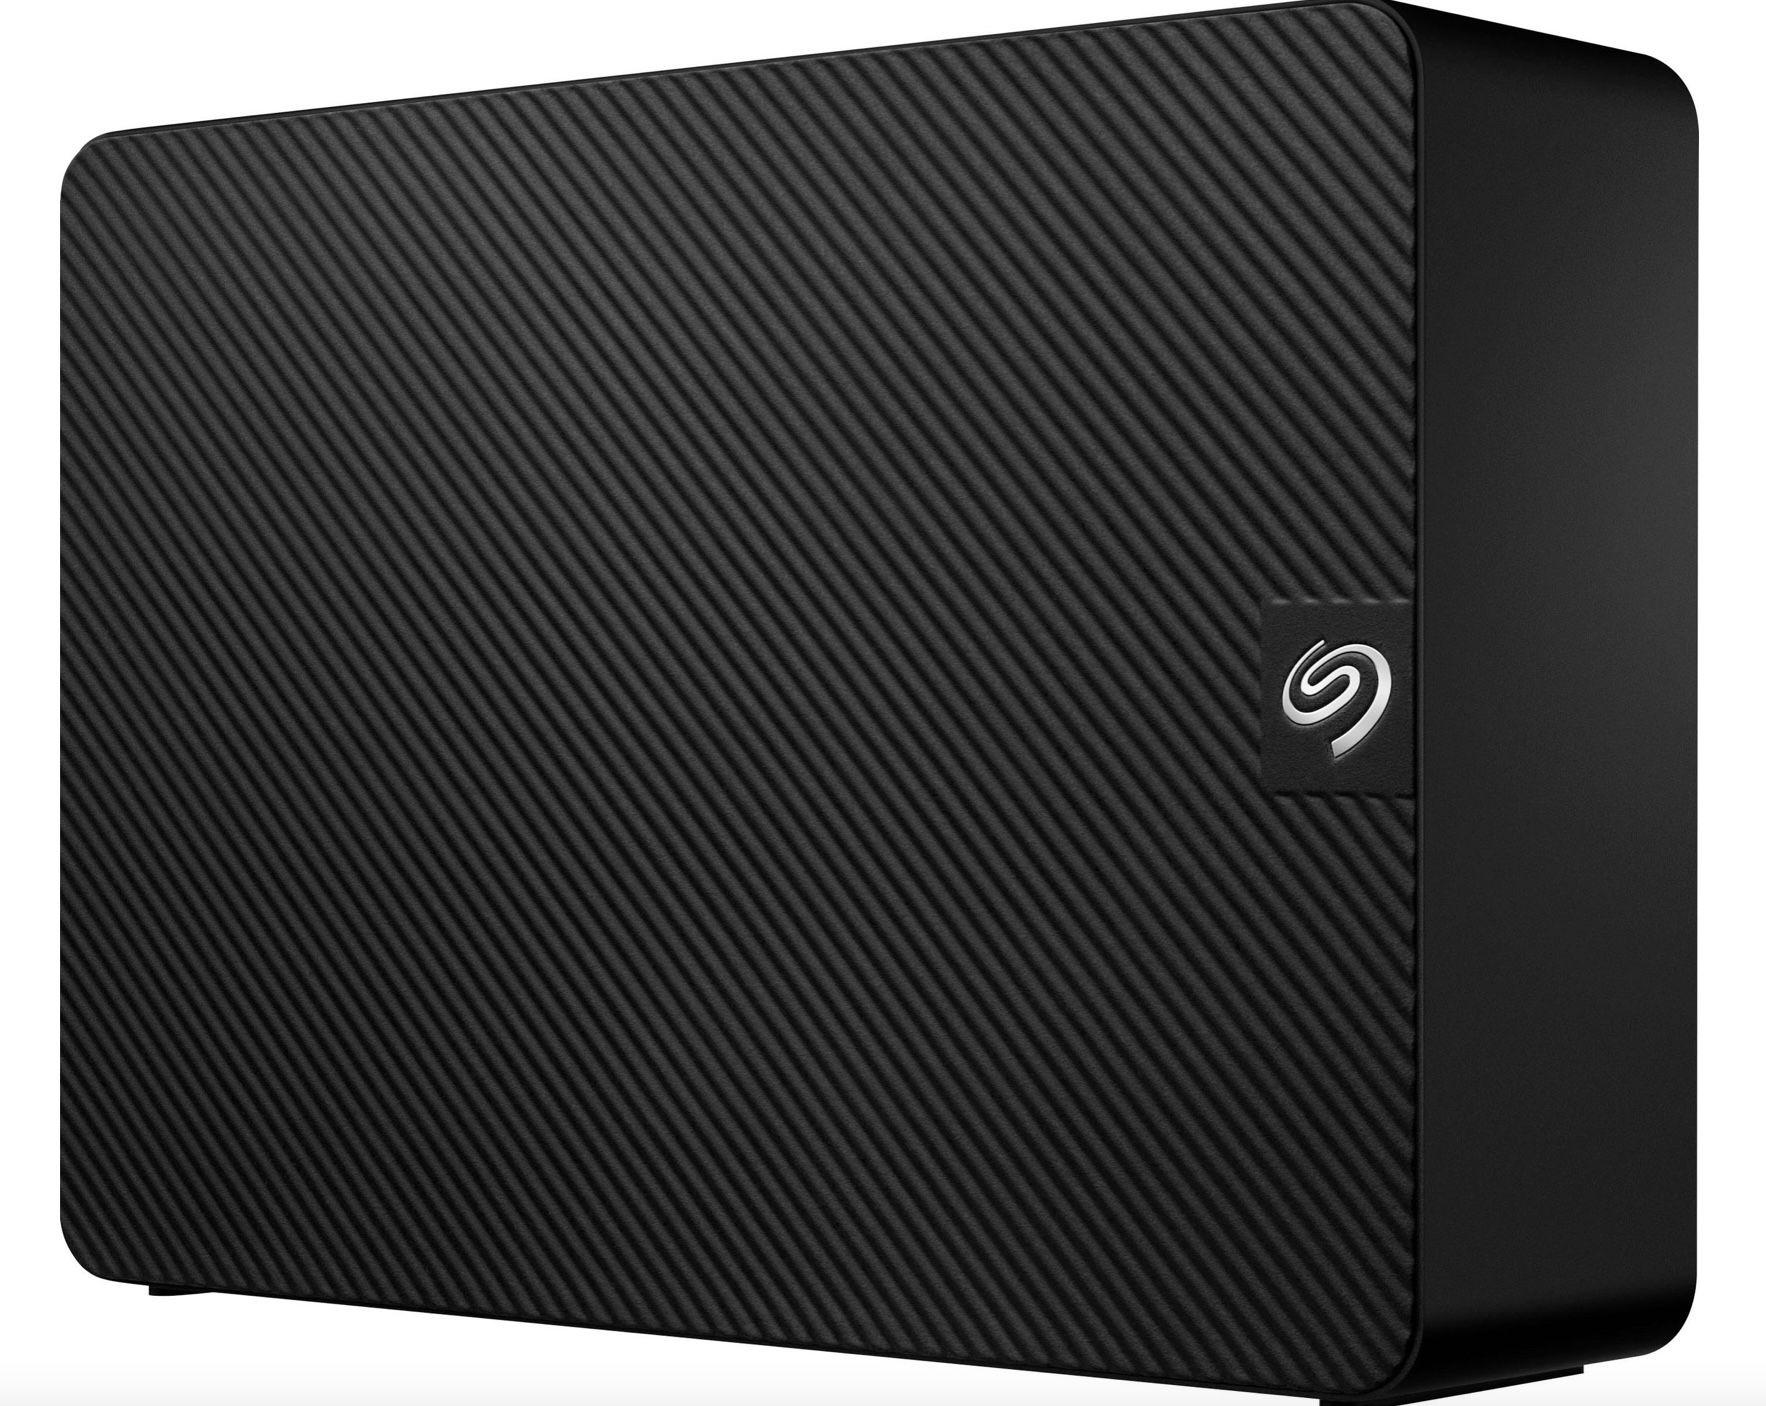 Seagate Expansion Desktop externe HDD Festplatte 3,5 mit 10 TB für 198,14€ (statt 272€)